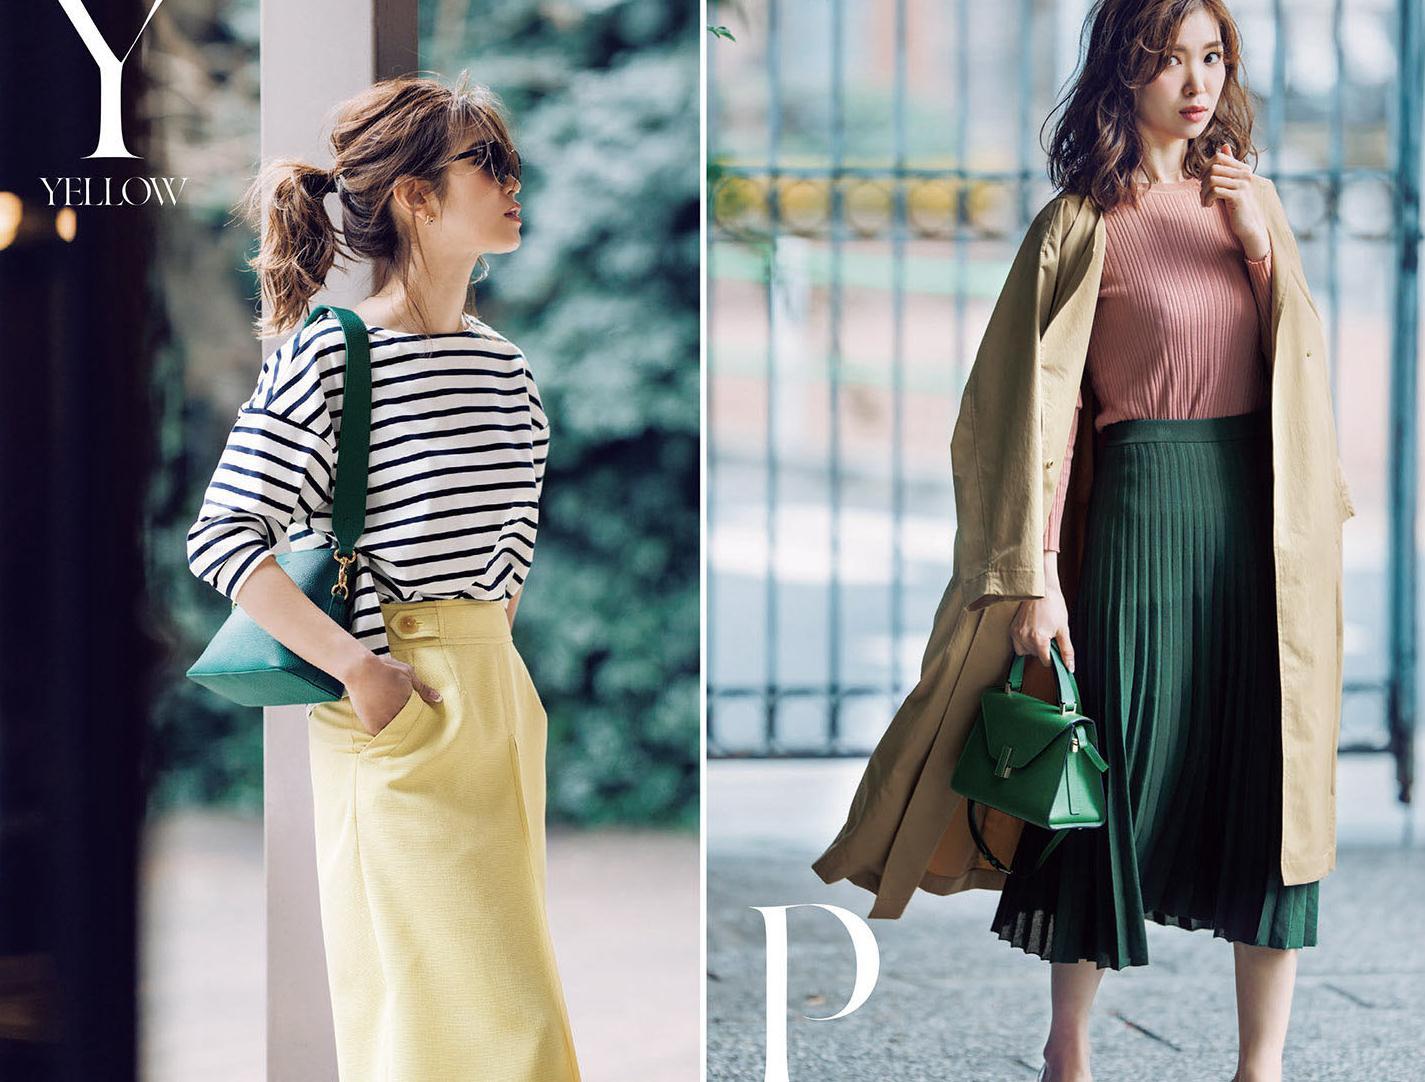 """秋天优雅风:""""高级感衬衫+半身裙"""",穿出自己的品味与温柔"""